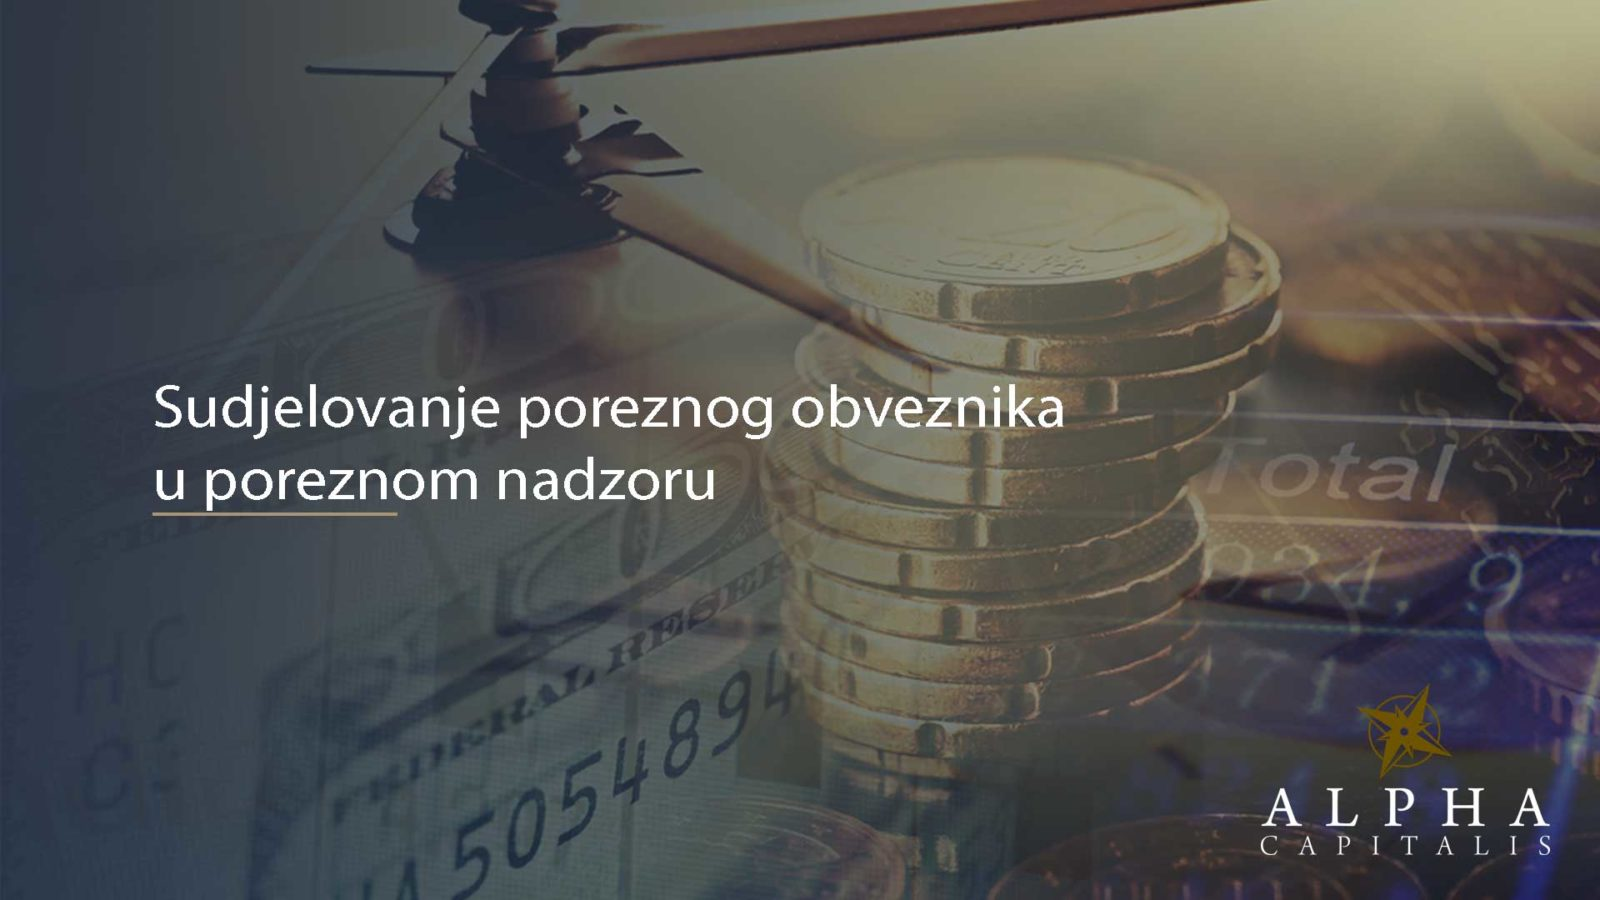 Porezni nadzor - Sudjelovanje poreznog obveznika u poreznom nadzoru